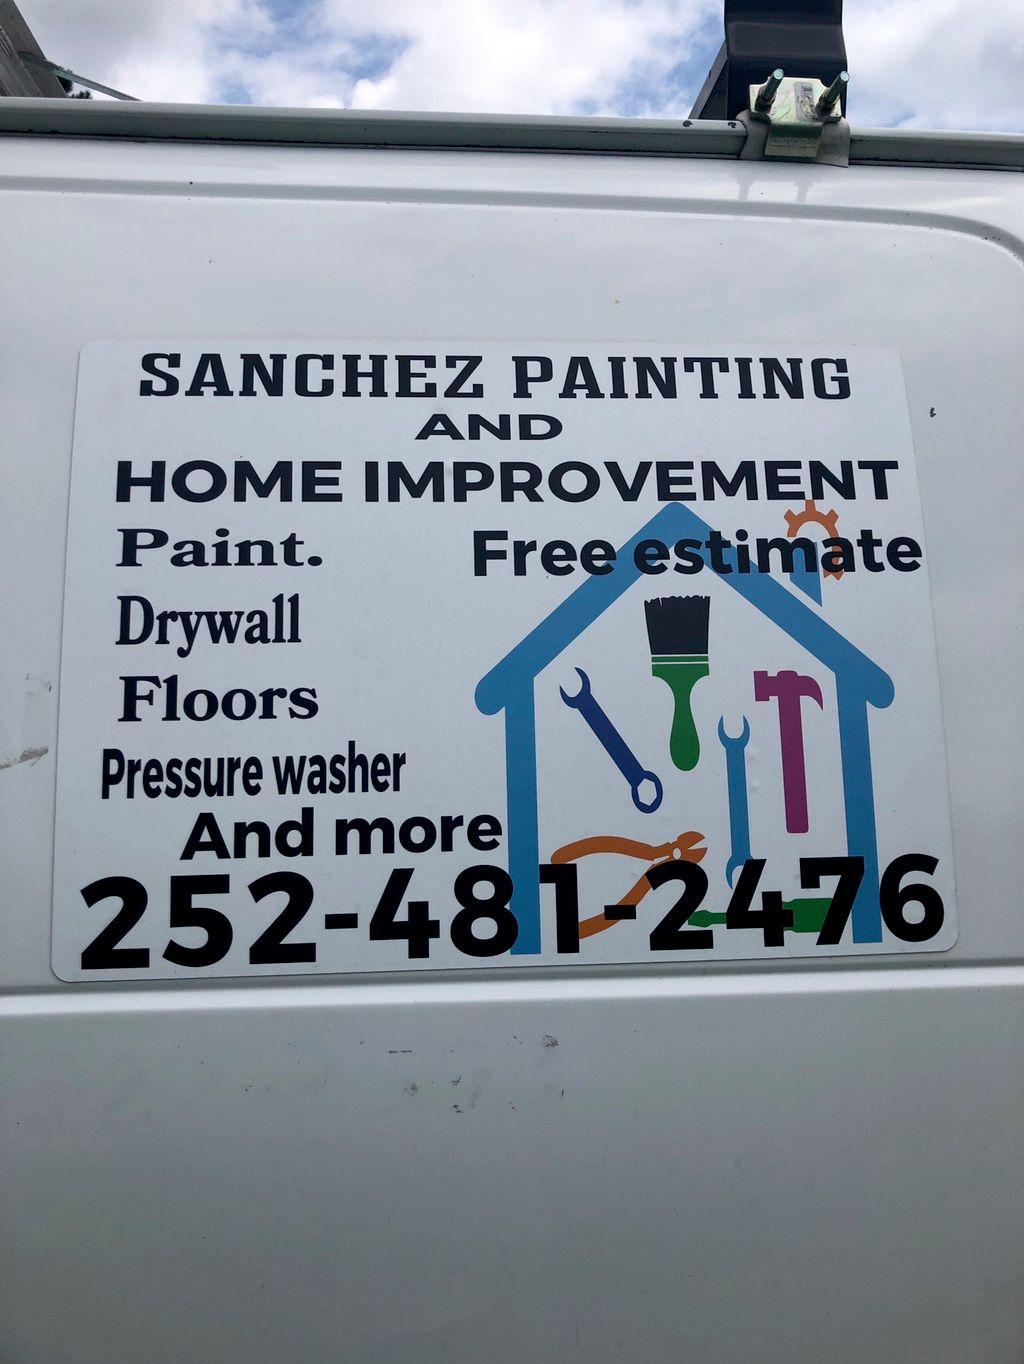 Sanchez painting